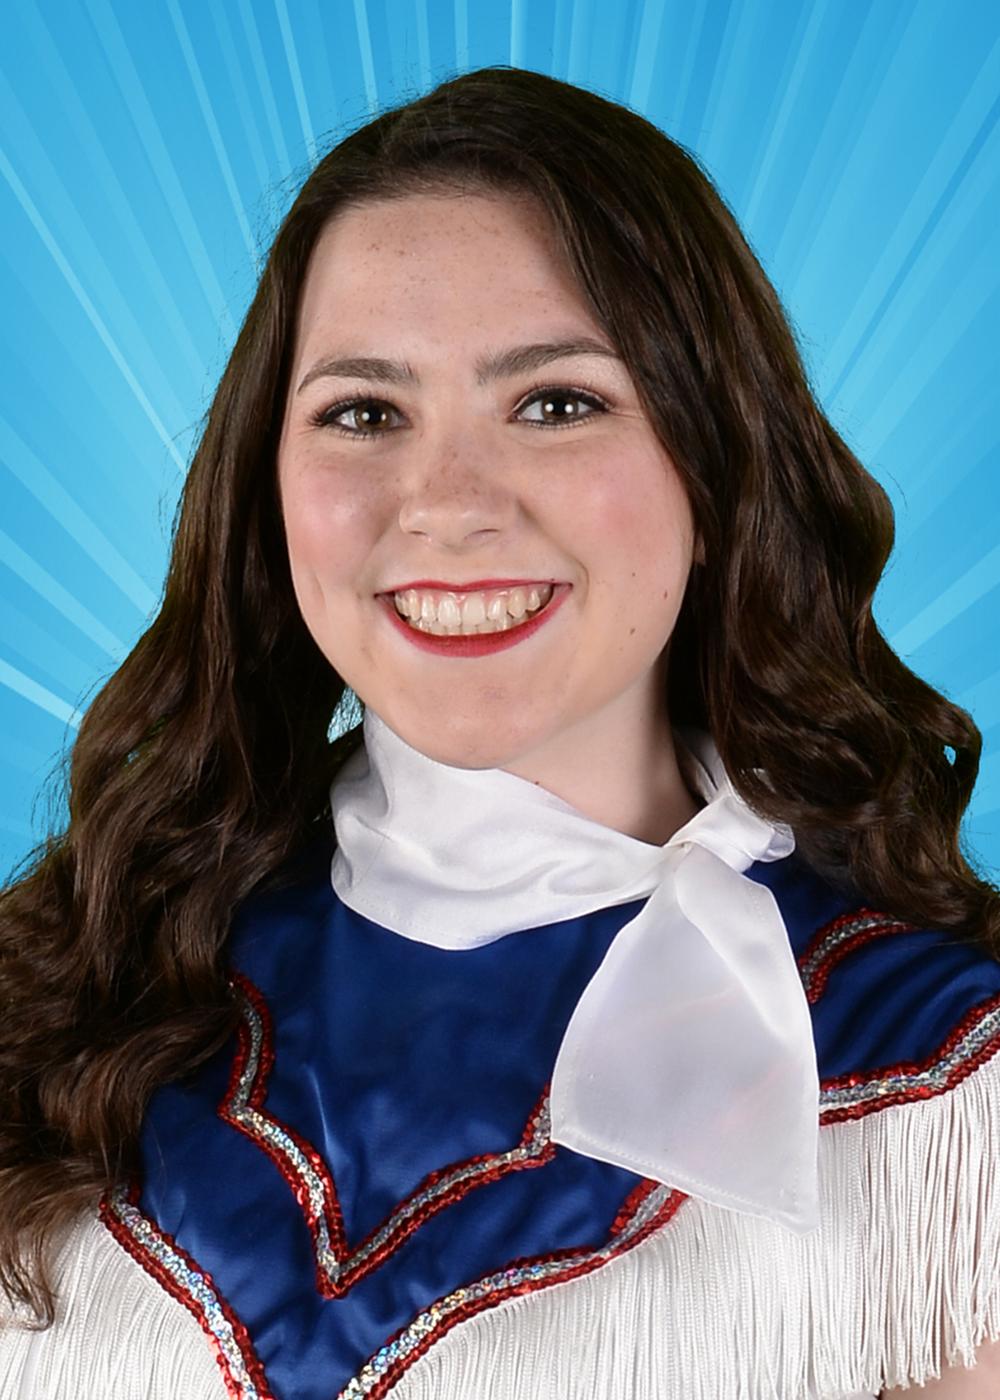 Madeline Shea